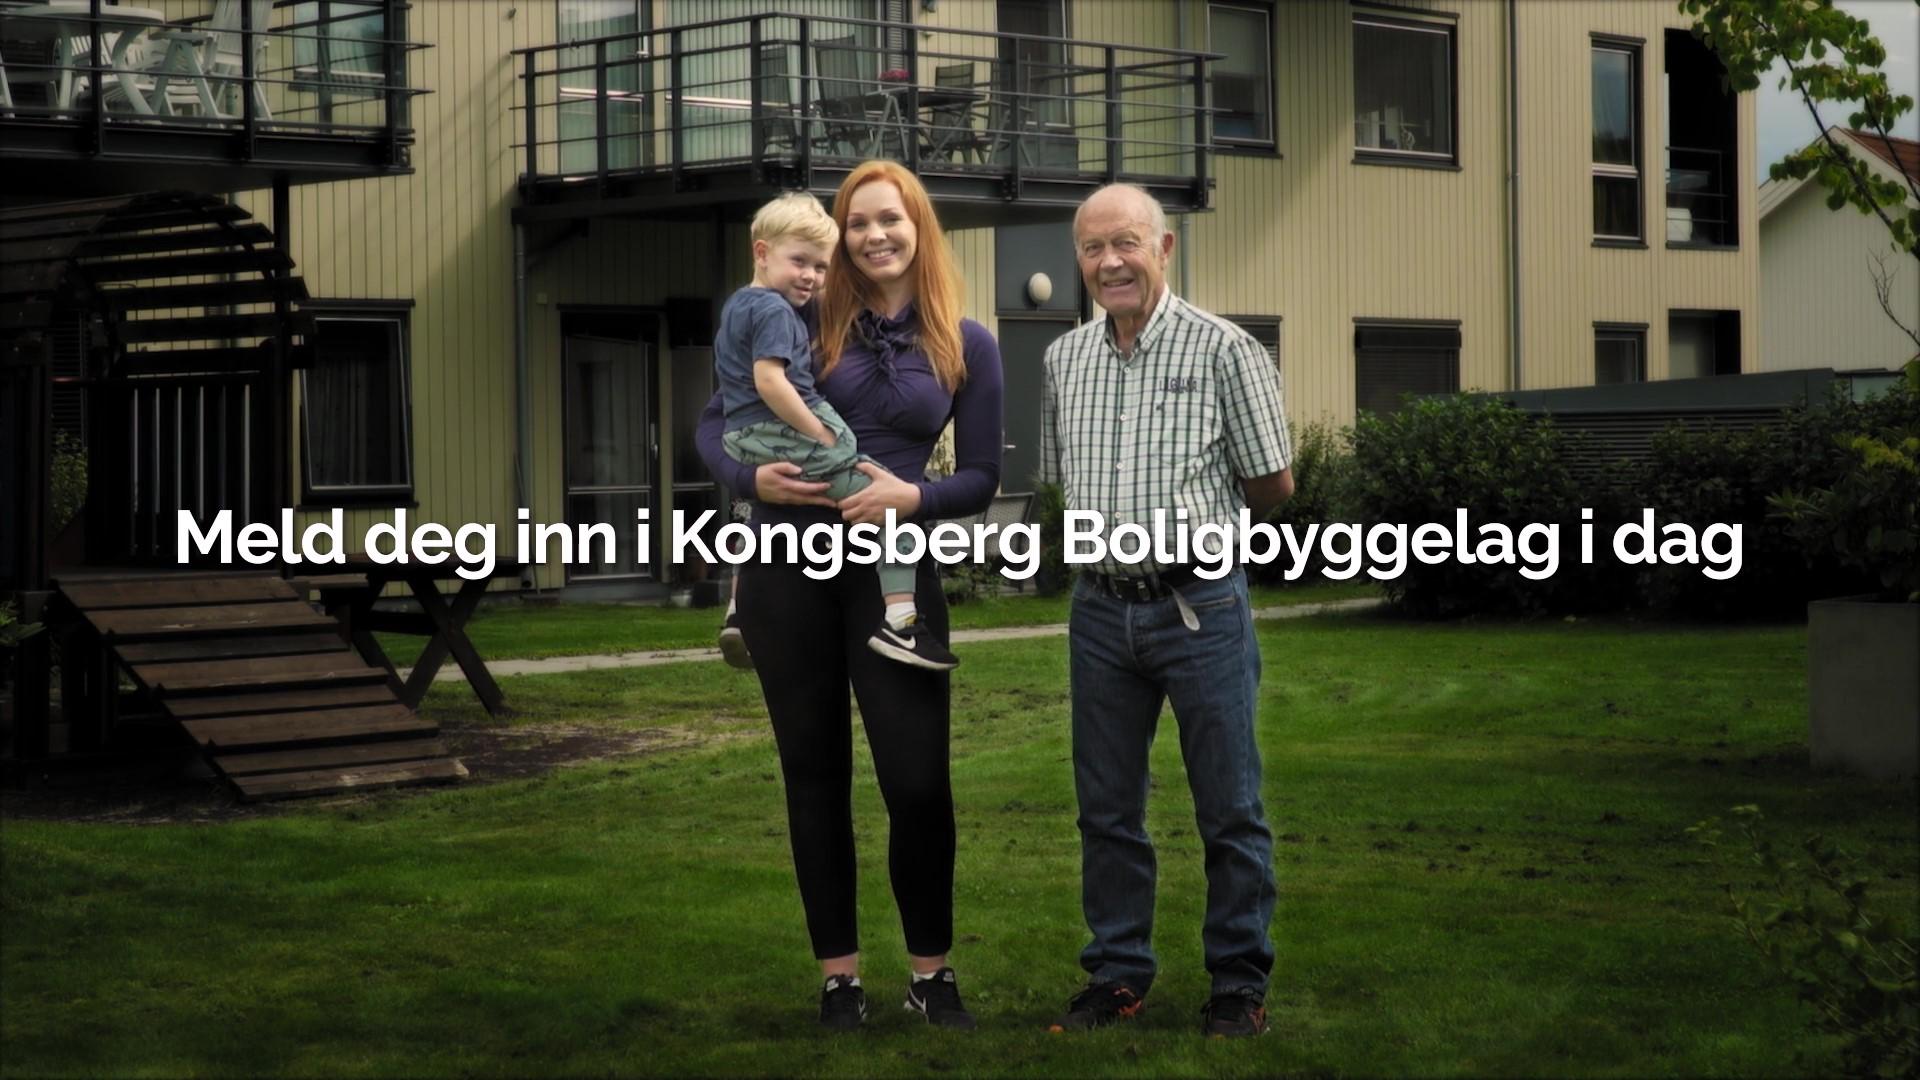 7dcc7e84 Kongsberg Boligbyggelag | Meld deg inn i Kongsberg Boligbyggelag i dag -  Kongsberg Boligbyggelag